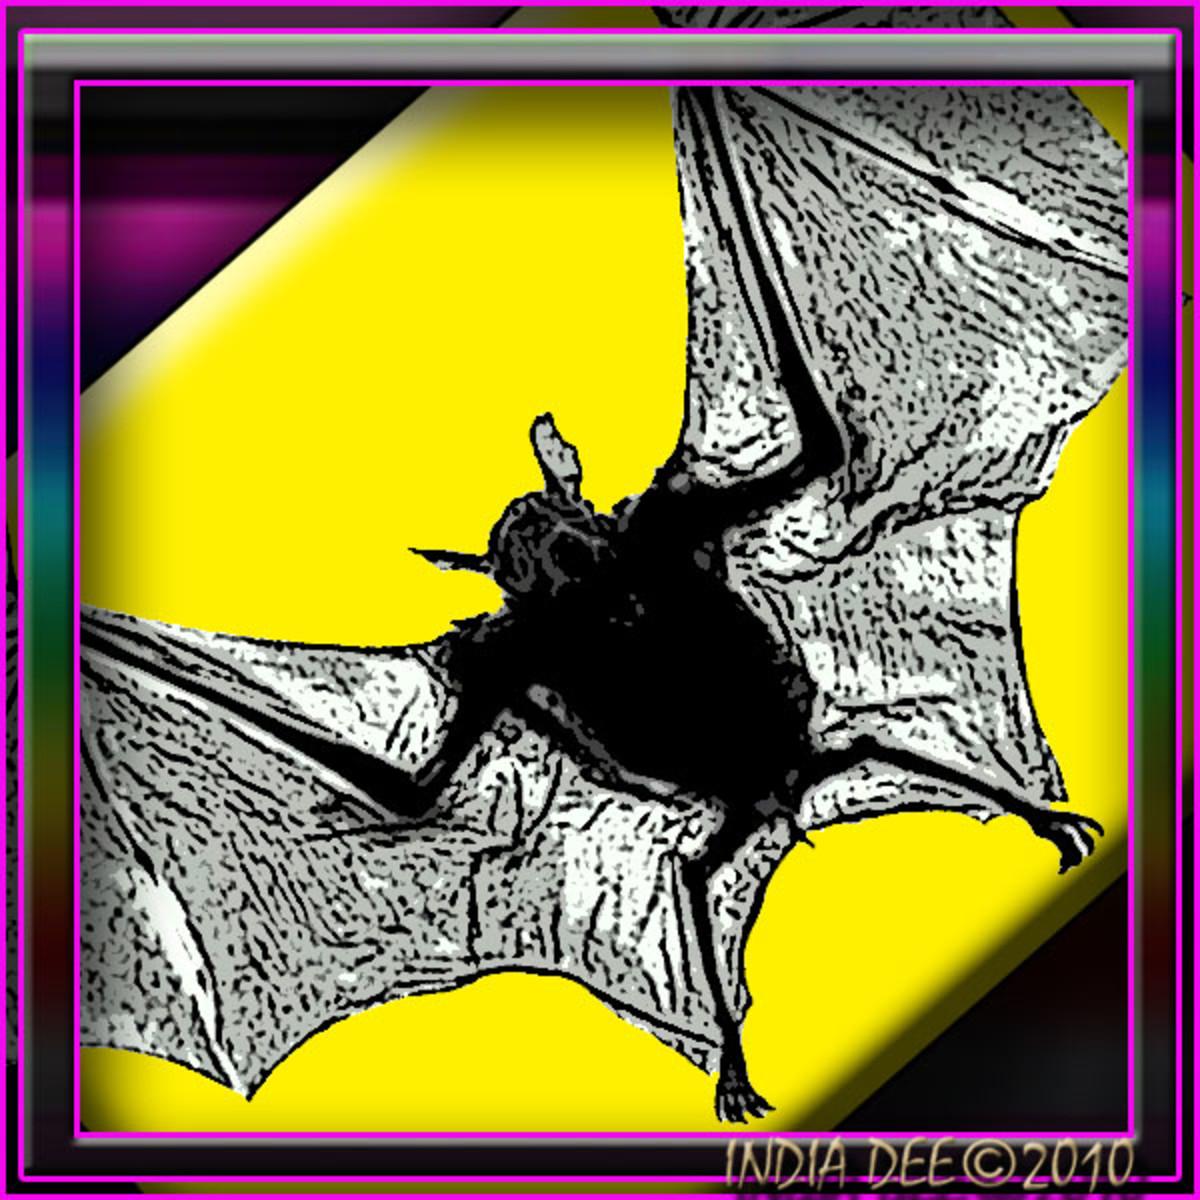 bats-weird-animals